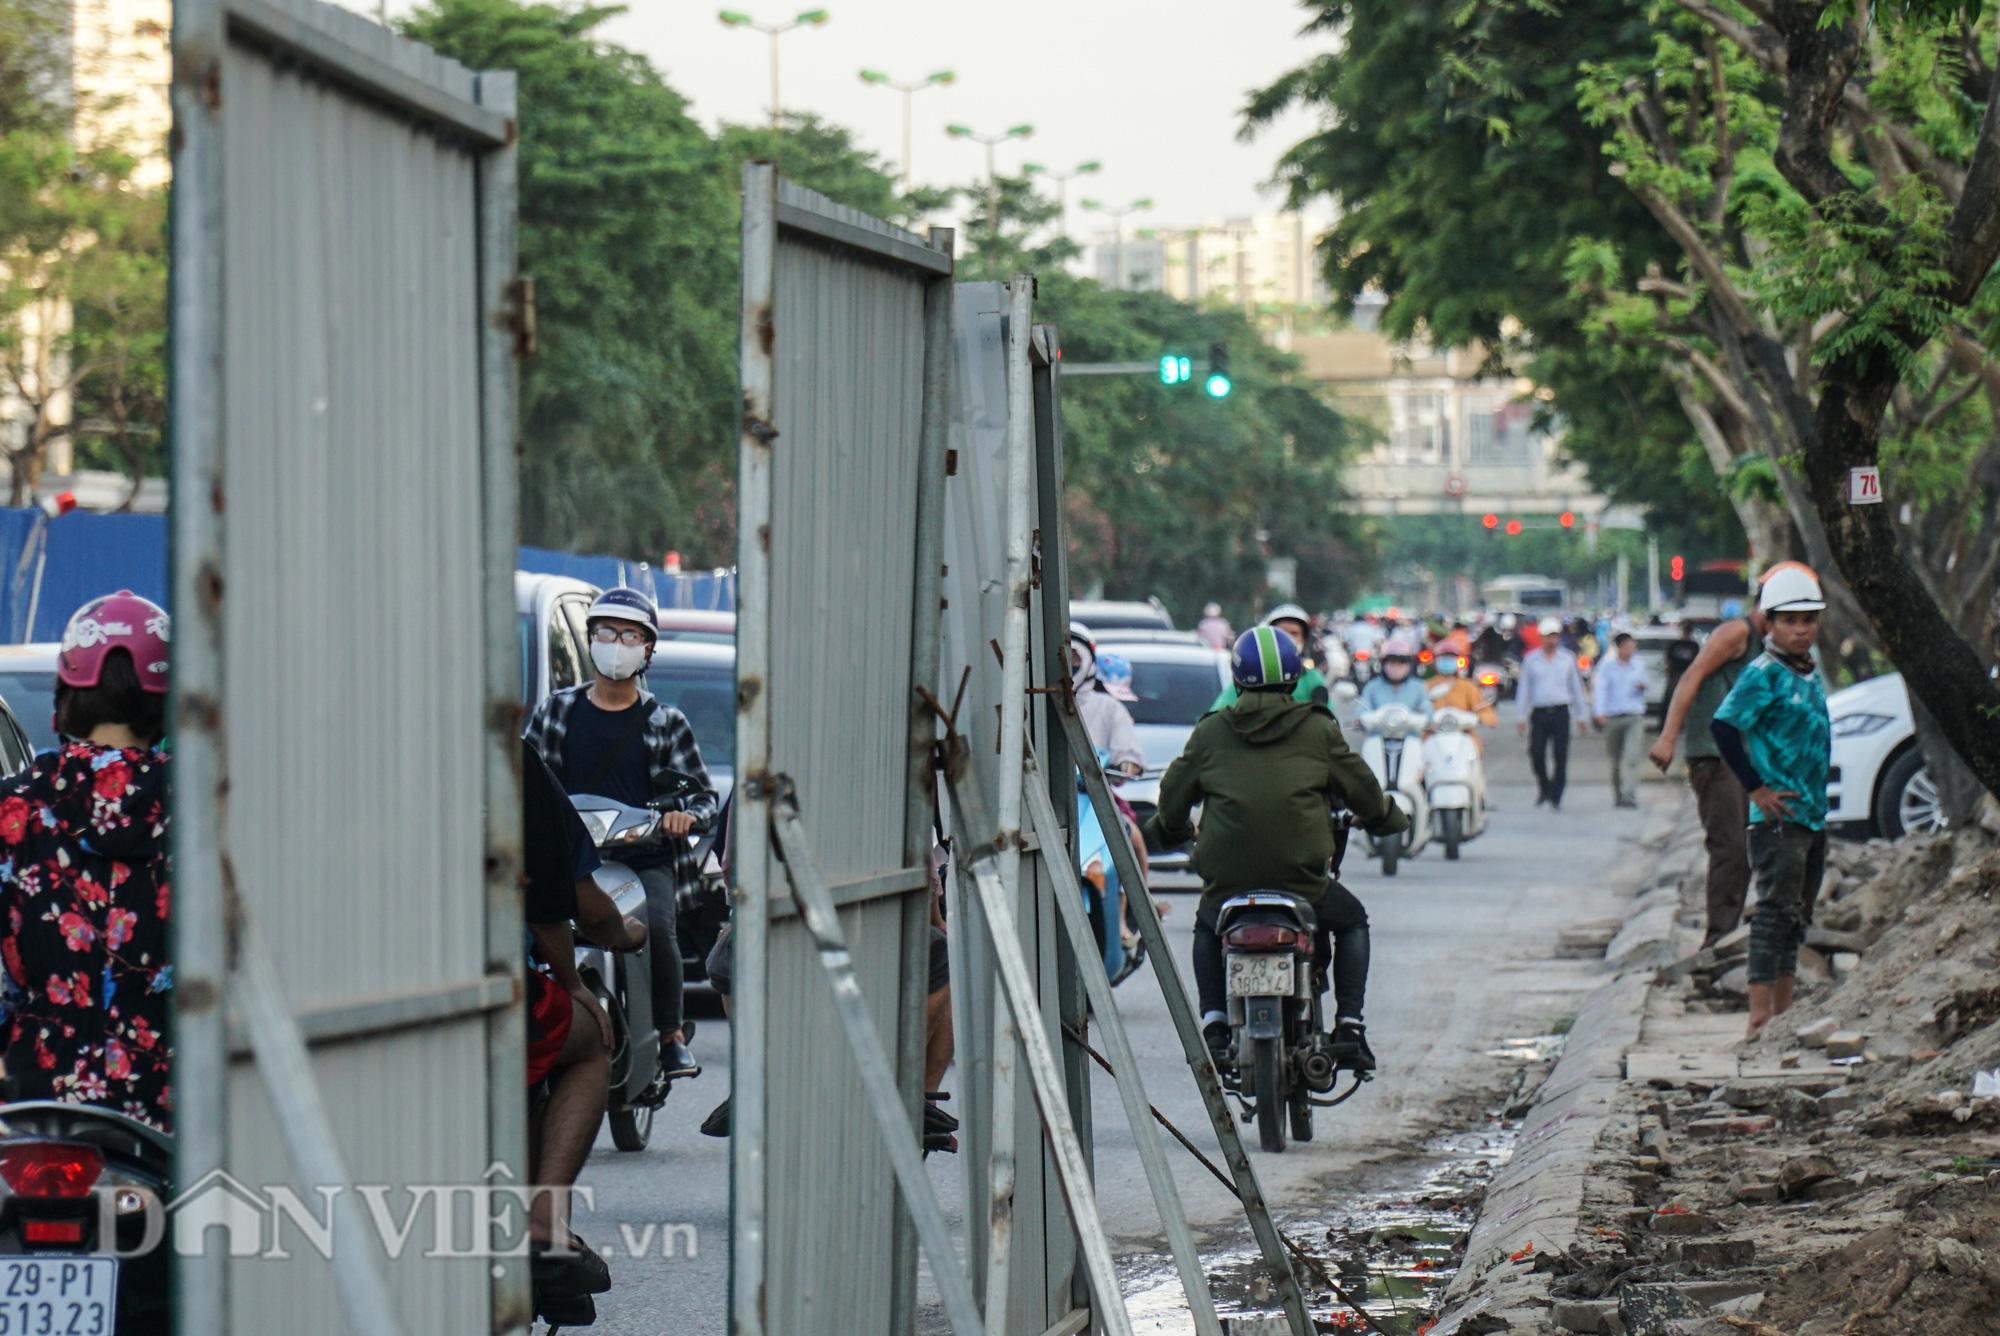 Người dân chật vật di chuyển qua nút giao đang thi công đường vành đai 2,5 - Ảnh 6.